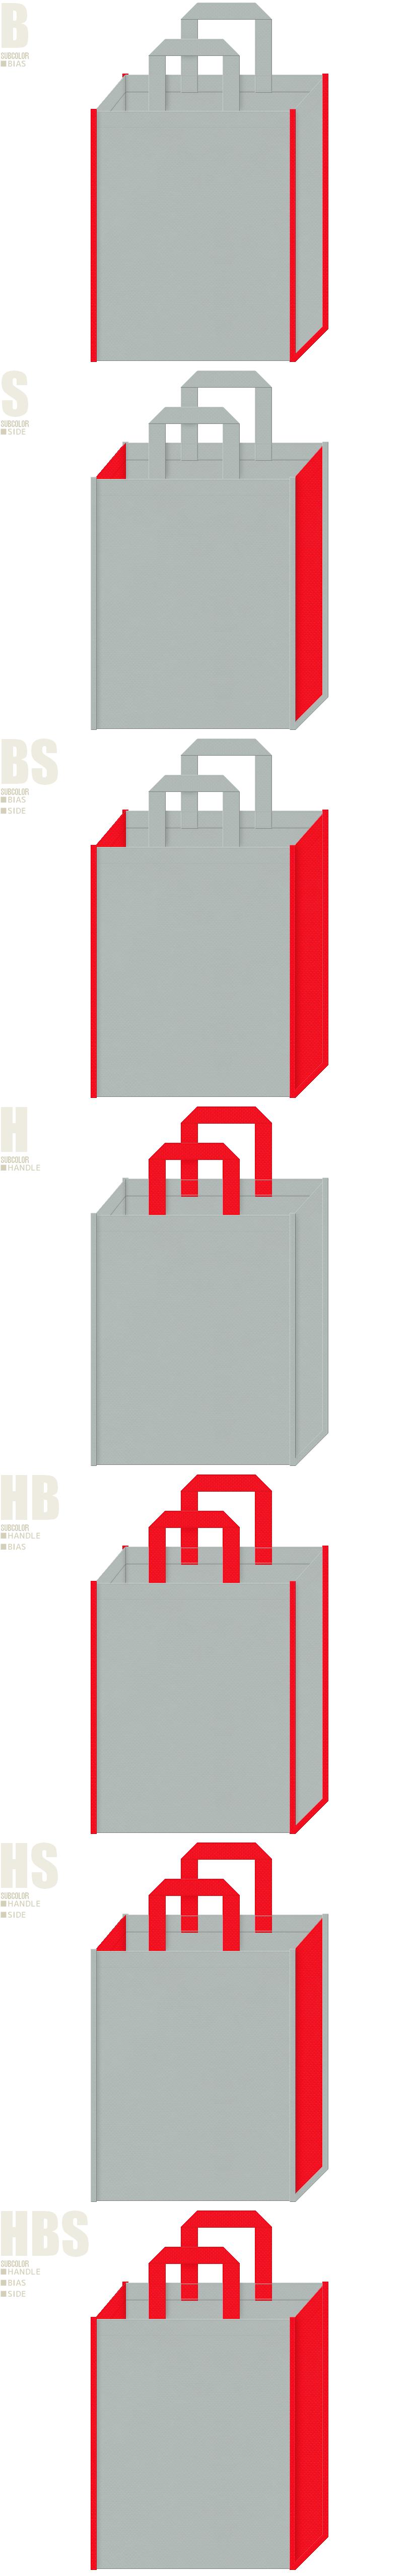 ロボット・ラジコン・プラモデル・ホビーの展示会用バッグにお奨めの不織布バッグデザイン:グレー色と赤色の配色7パターン